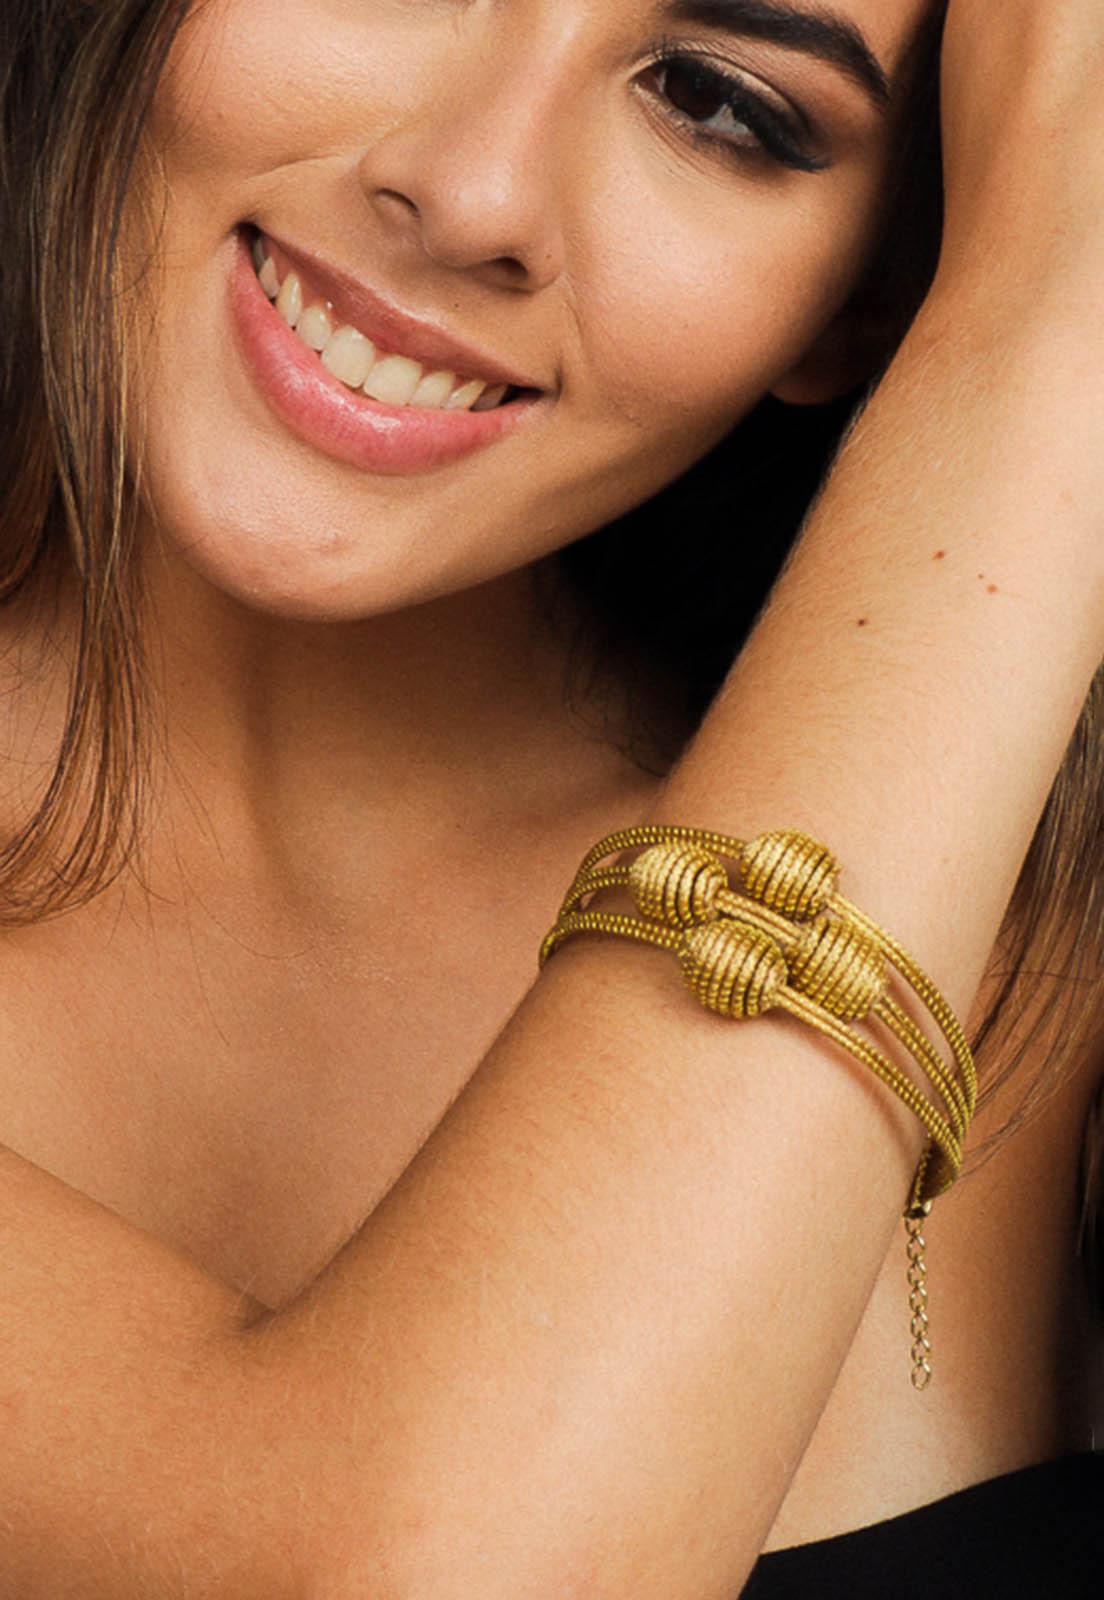 Pulseira de Capim Dourado Golden Trends - Artesãos do Jalapão